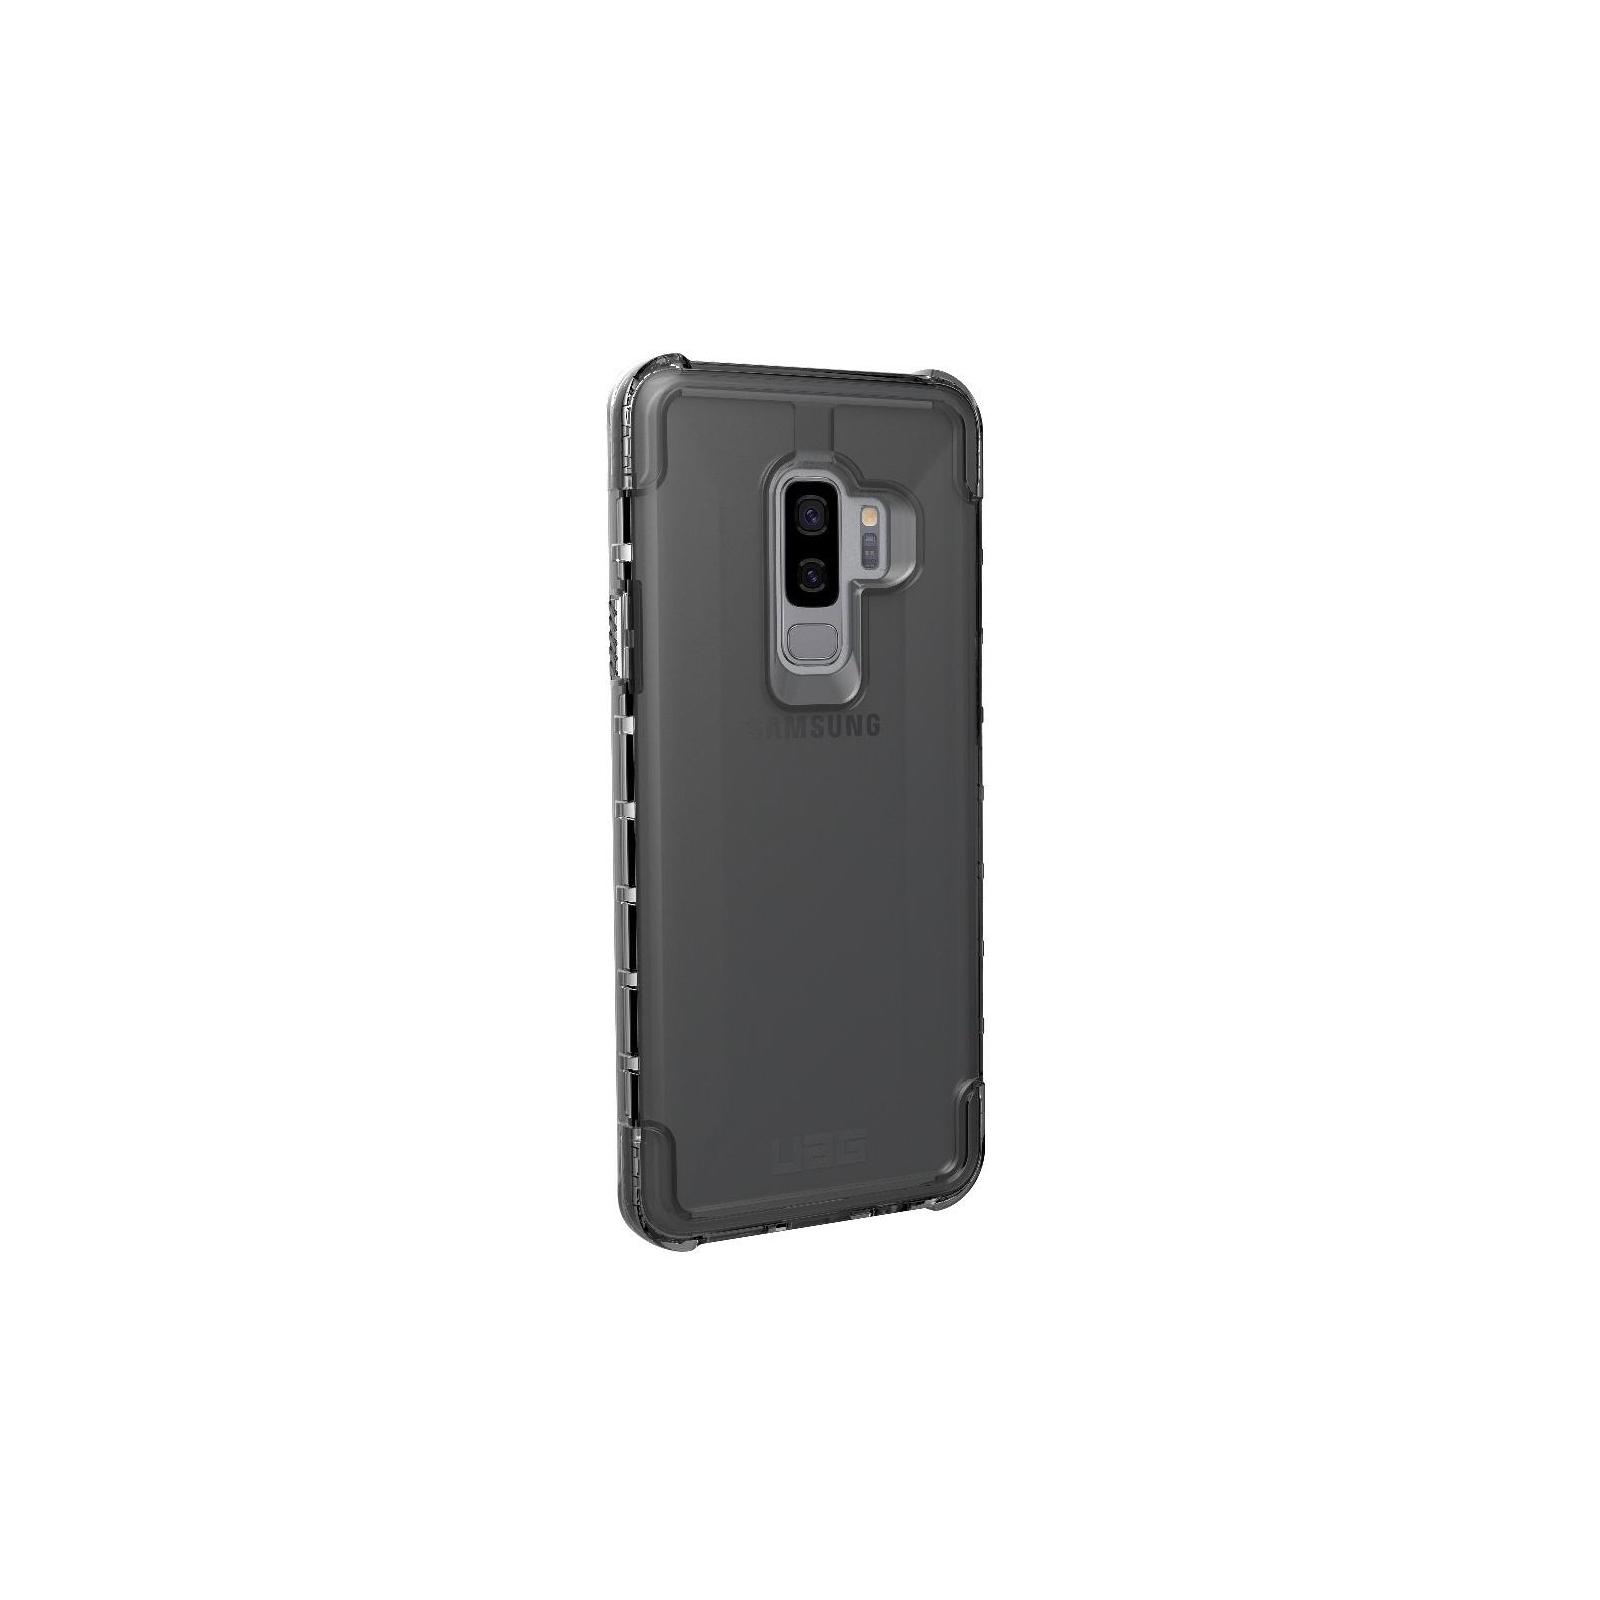 Чехол для моб. телефона Uag Galaxy S9+ Plyo Ash (GLXS9PLS-Y-AS) изображение 4